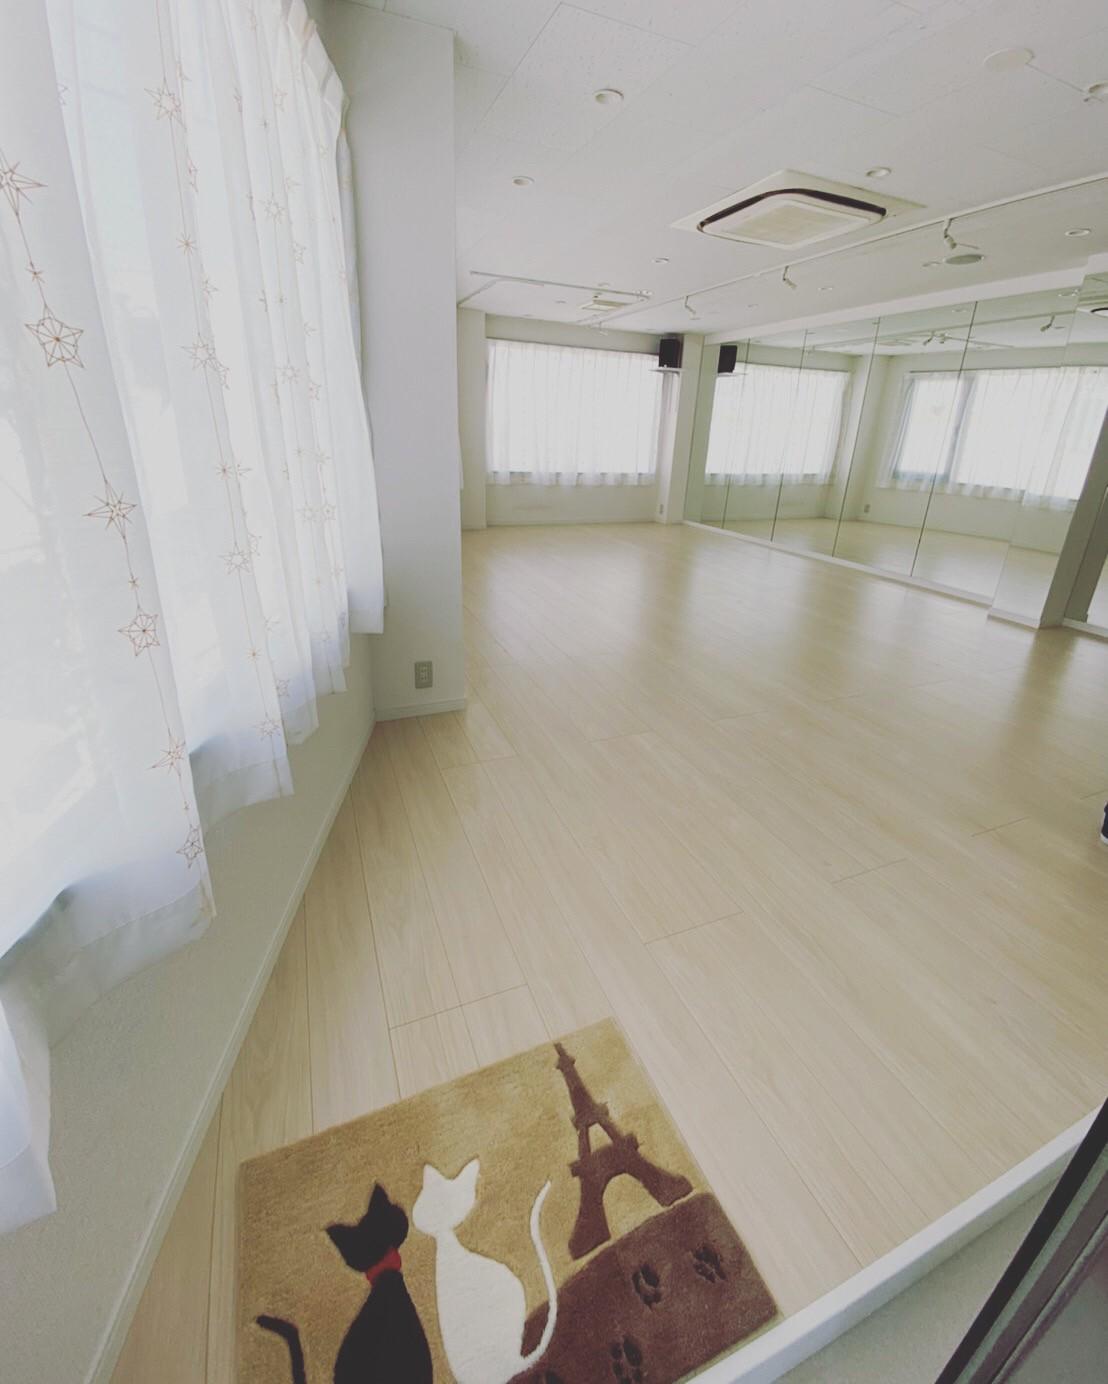 白を基調とした明るいスタジオです - レンタルスタジオPiatto ダンスが出来るレンタルスタジオの室内の写真